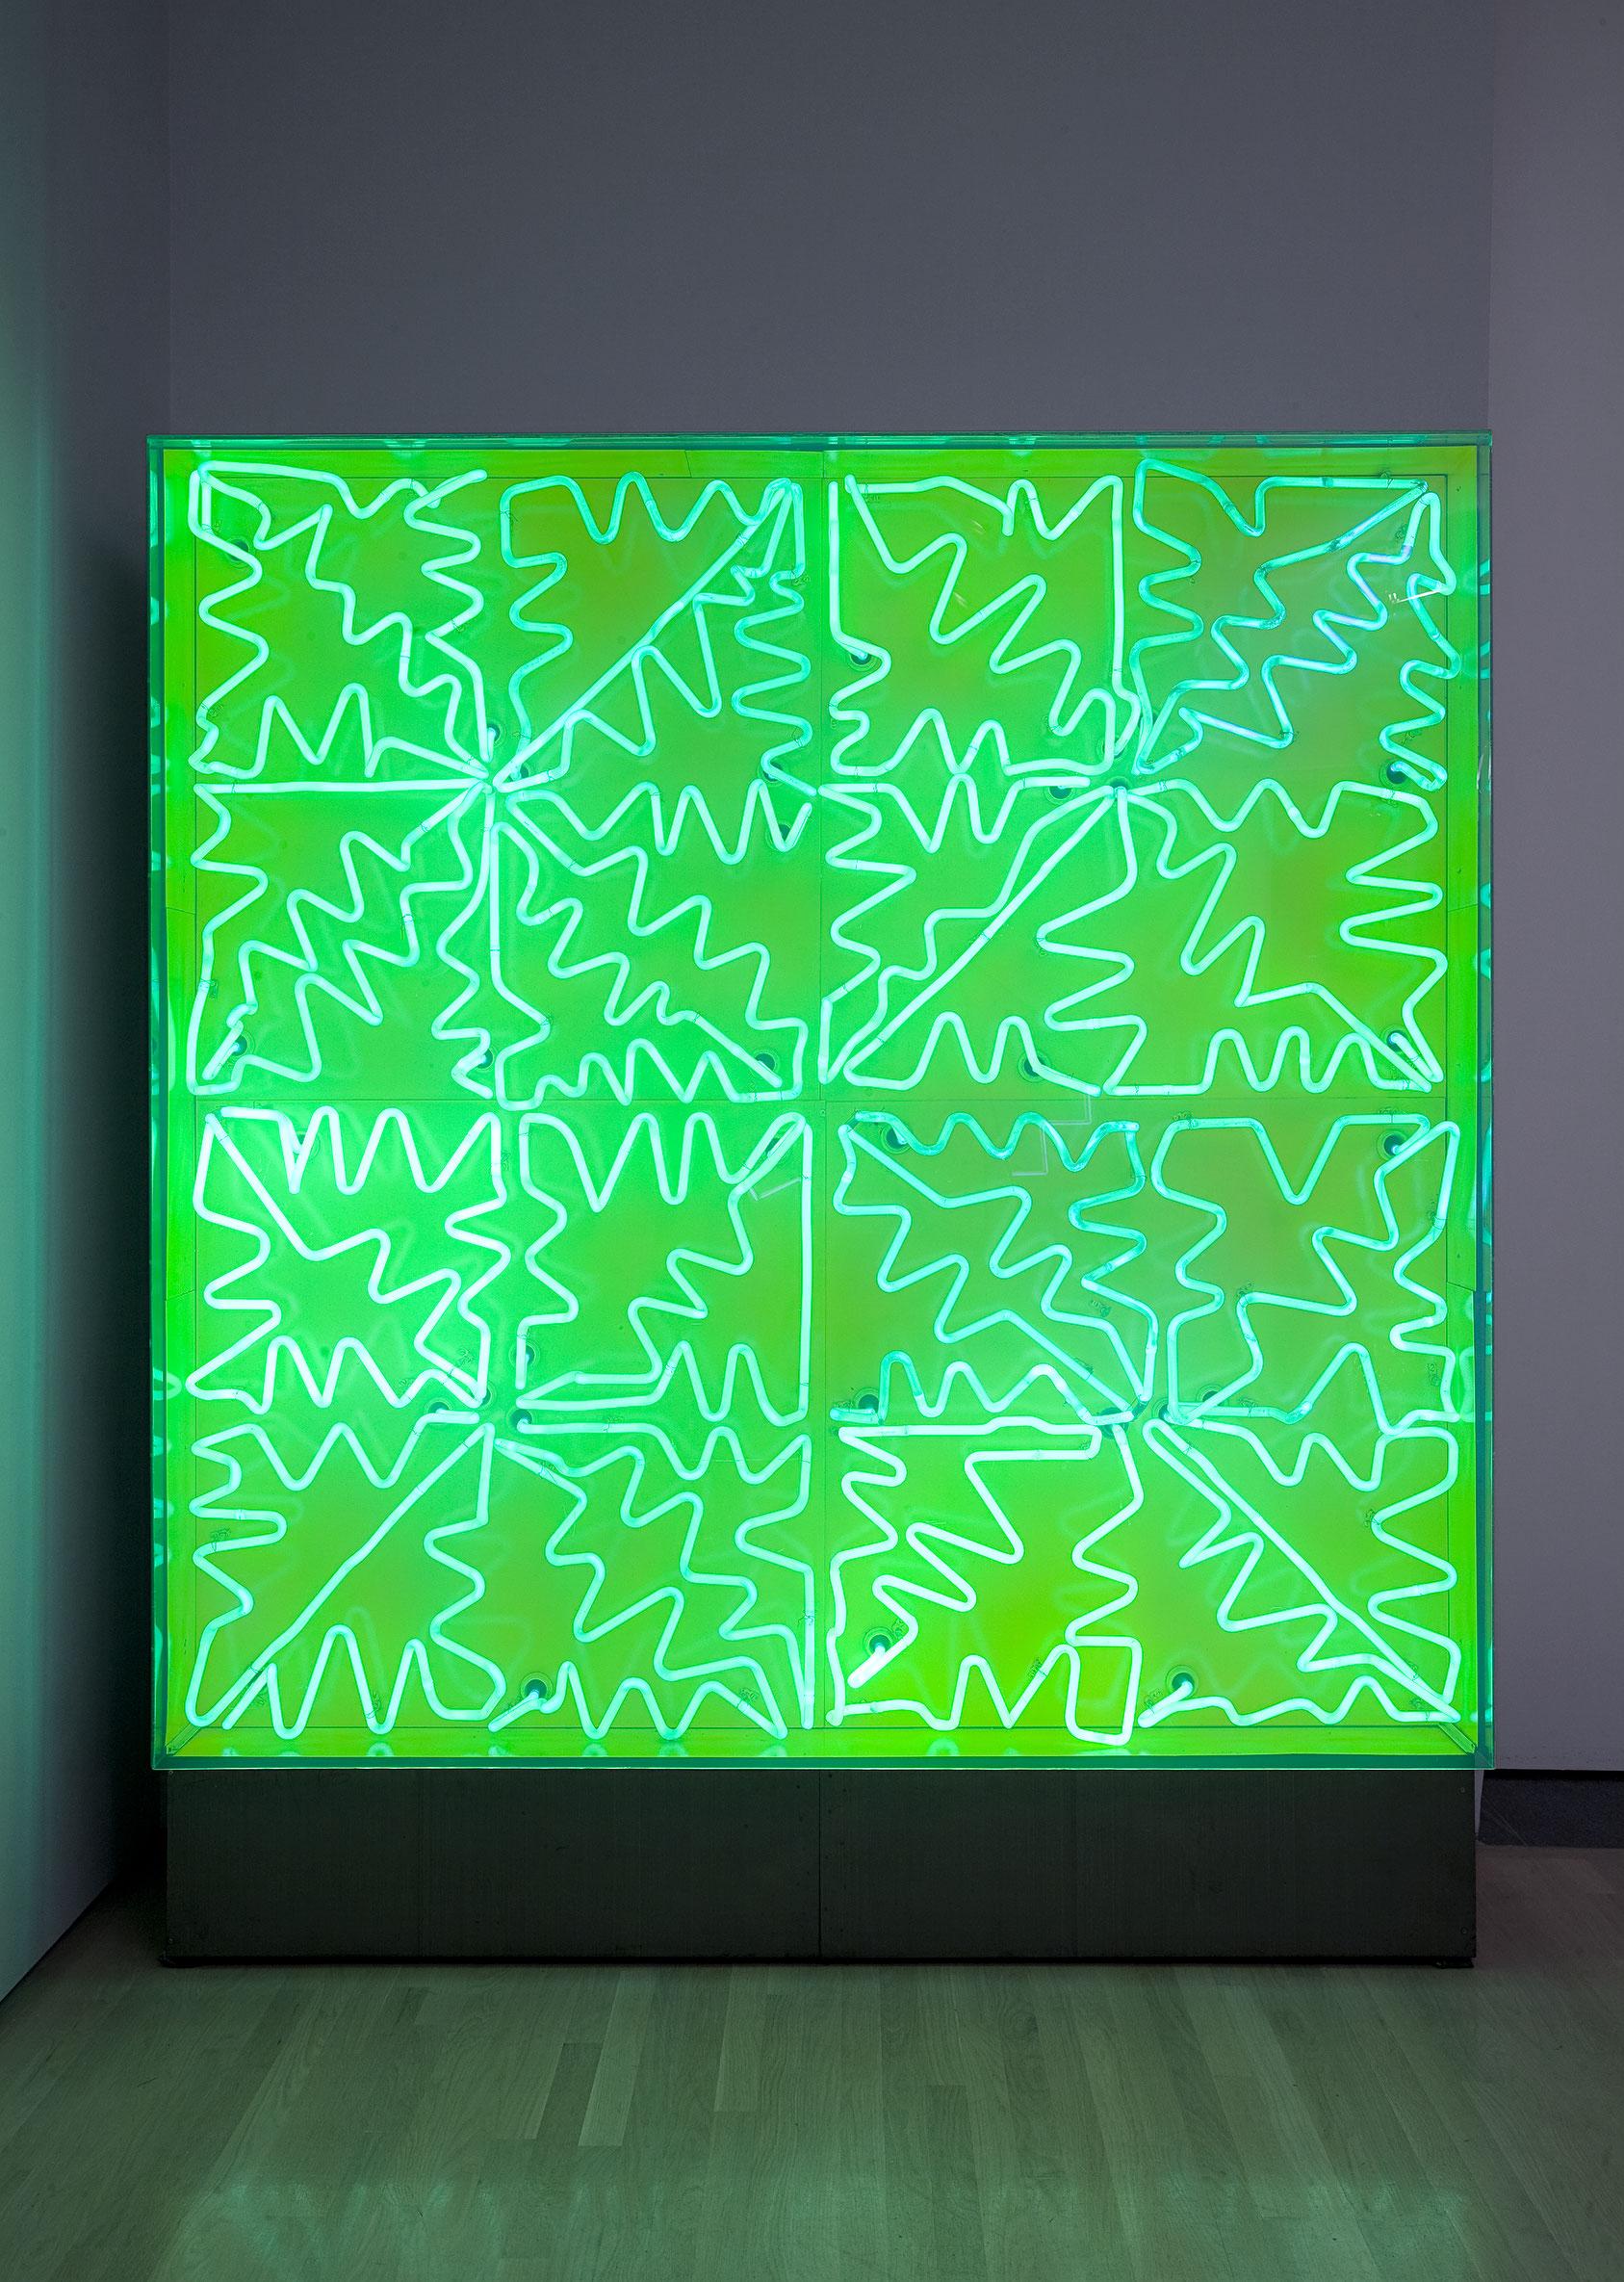 Ciboulette, 1968, Jacques Hurtubise, Panneau lumineux (néon vert).